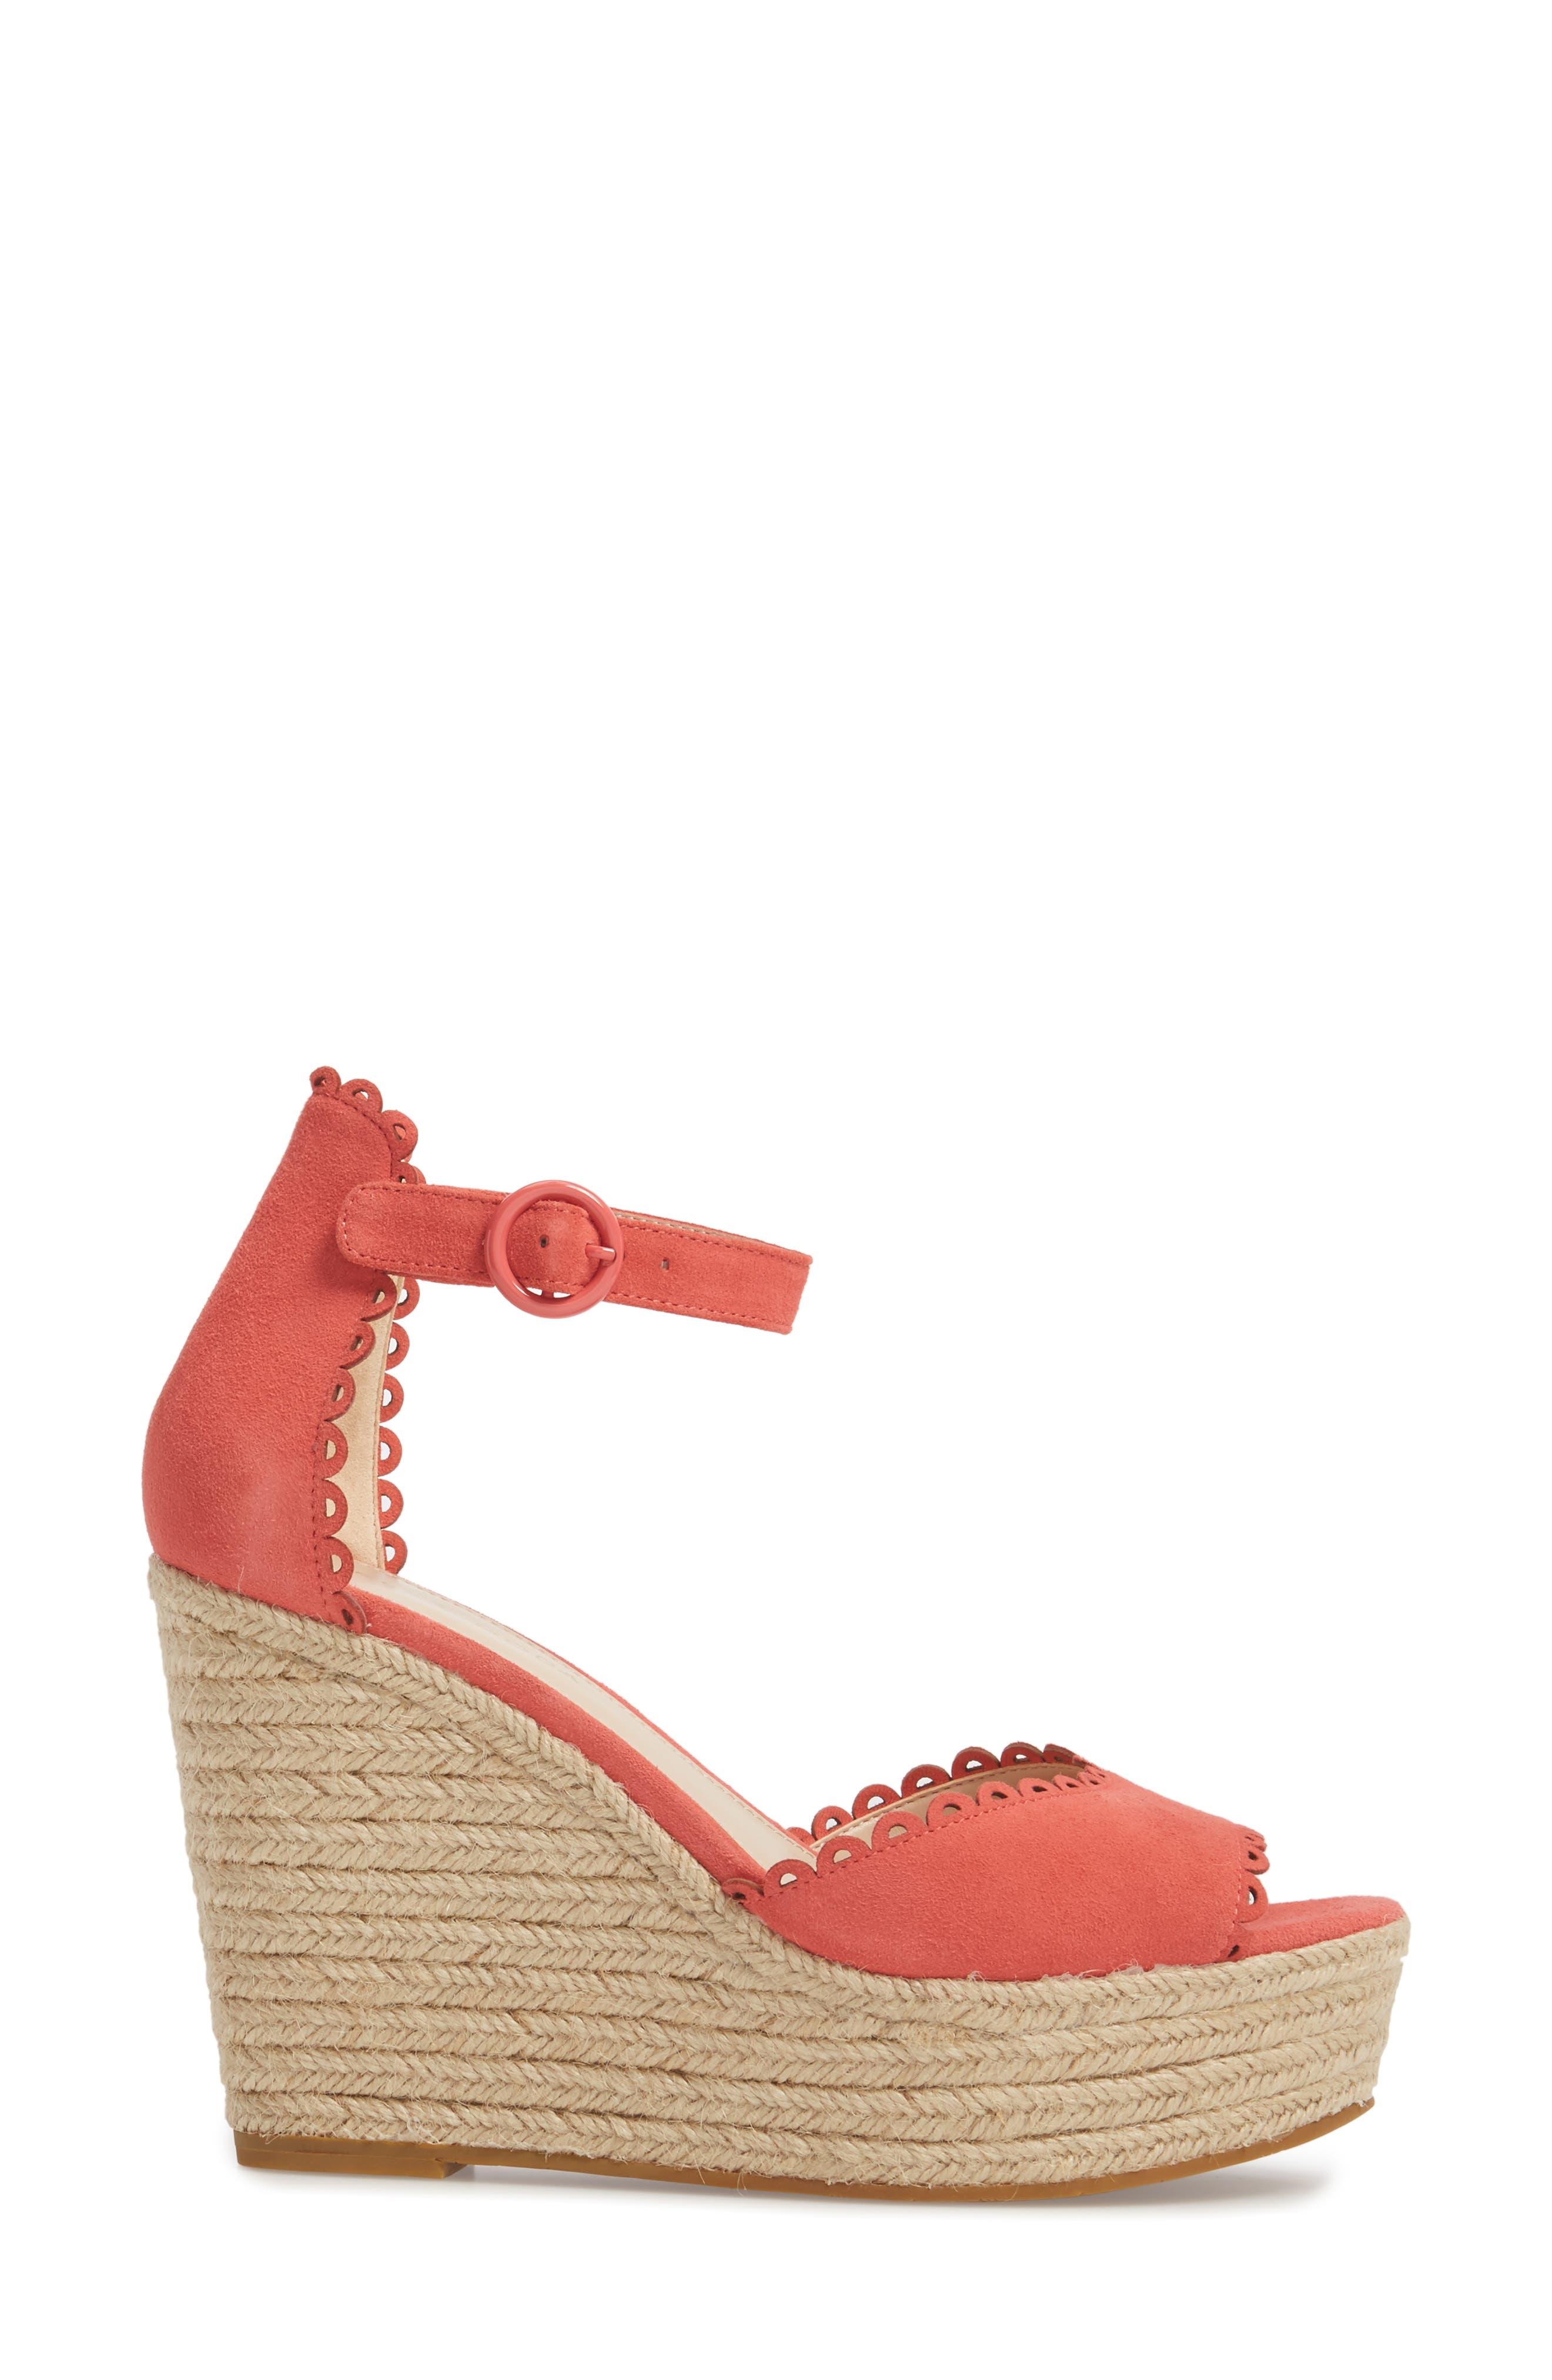 Raine Platform Espadrille Sandal,                             Alternate thumbnail 3, color,                             Flamingo Suede